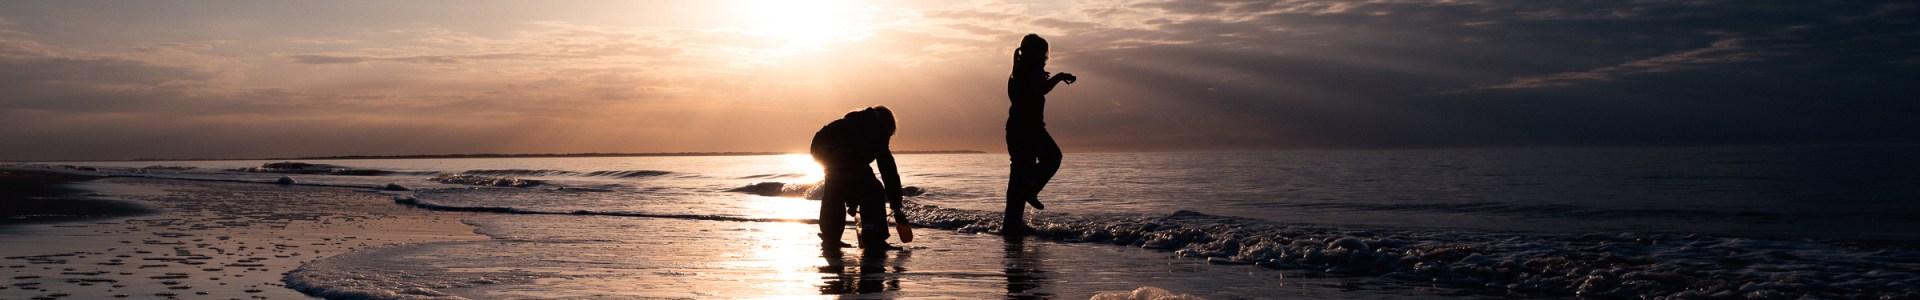 10 Fotos Langeoog – Die Sonne hat Wusch gemacht